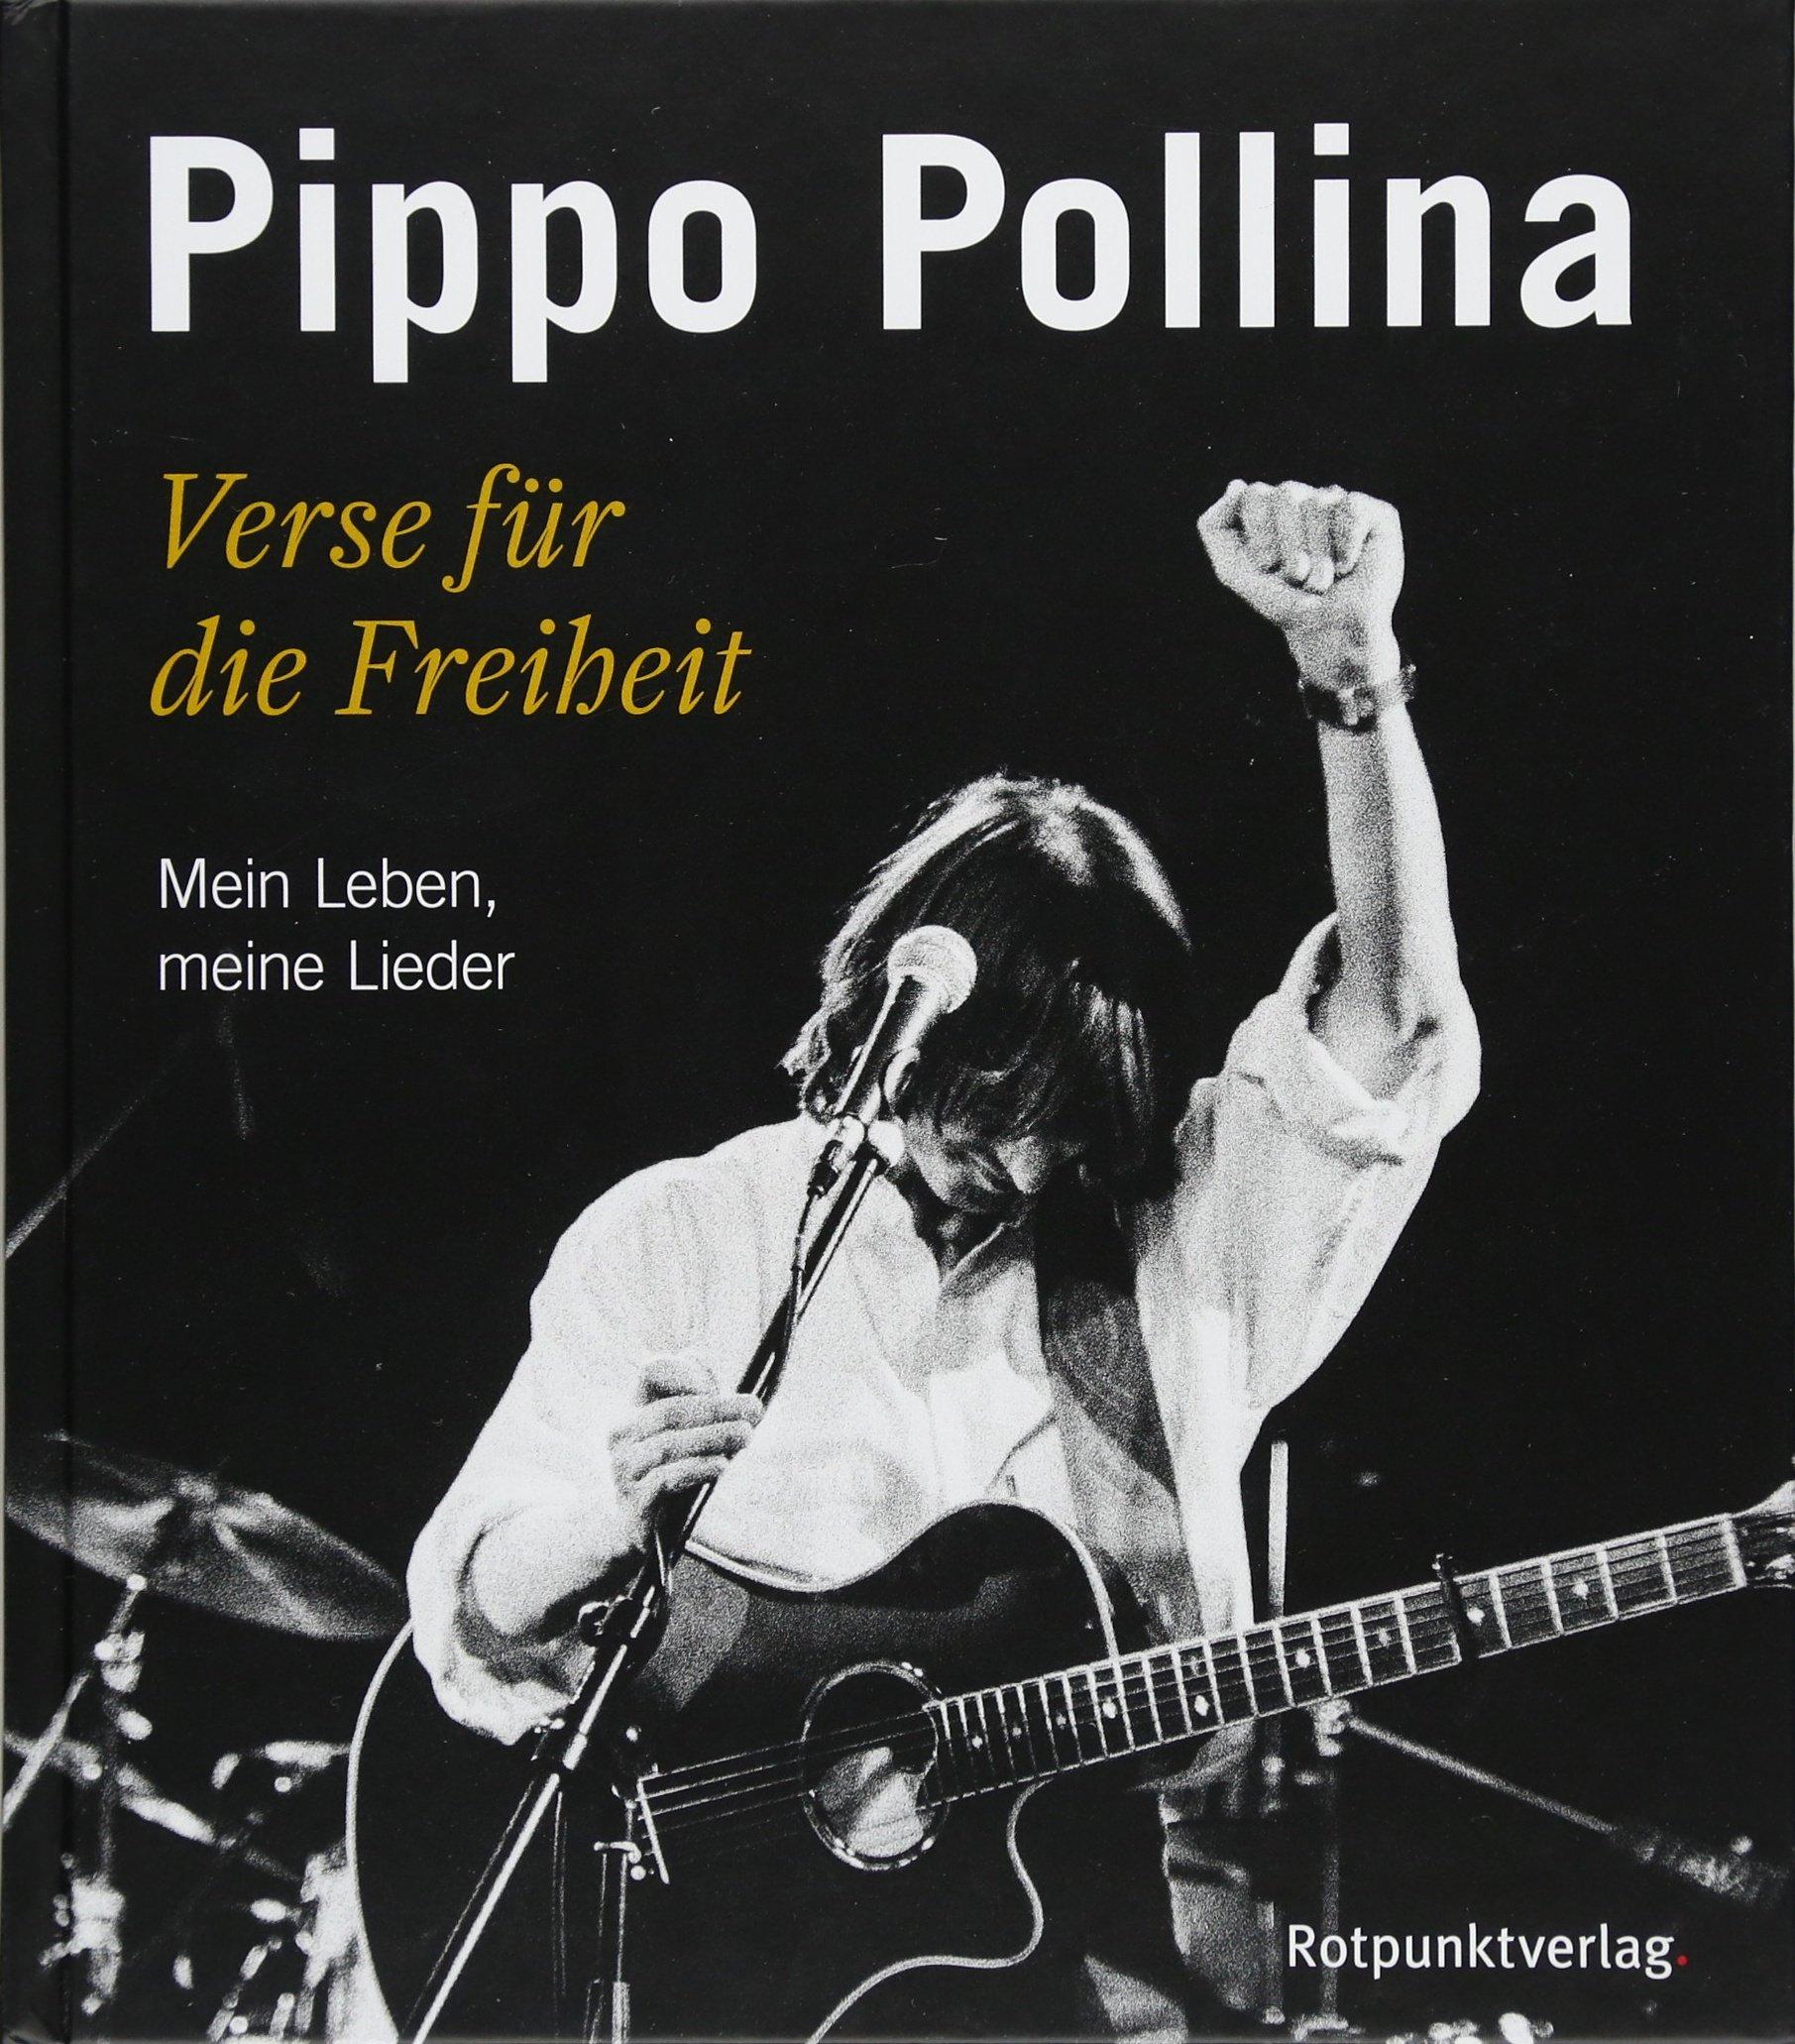 Verse für die Freiheit: Mein Leben, meine Lieder Gebundenes Buch – 27. Dezember 2017 Pippo Pollina Rotpunktverlag 3858697702 Lyrisch